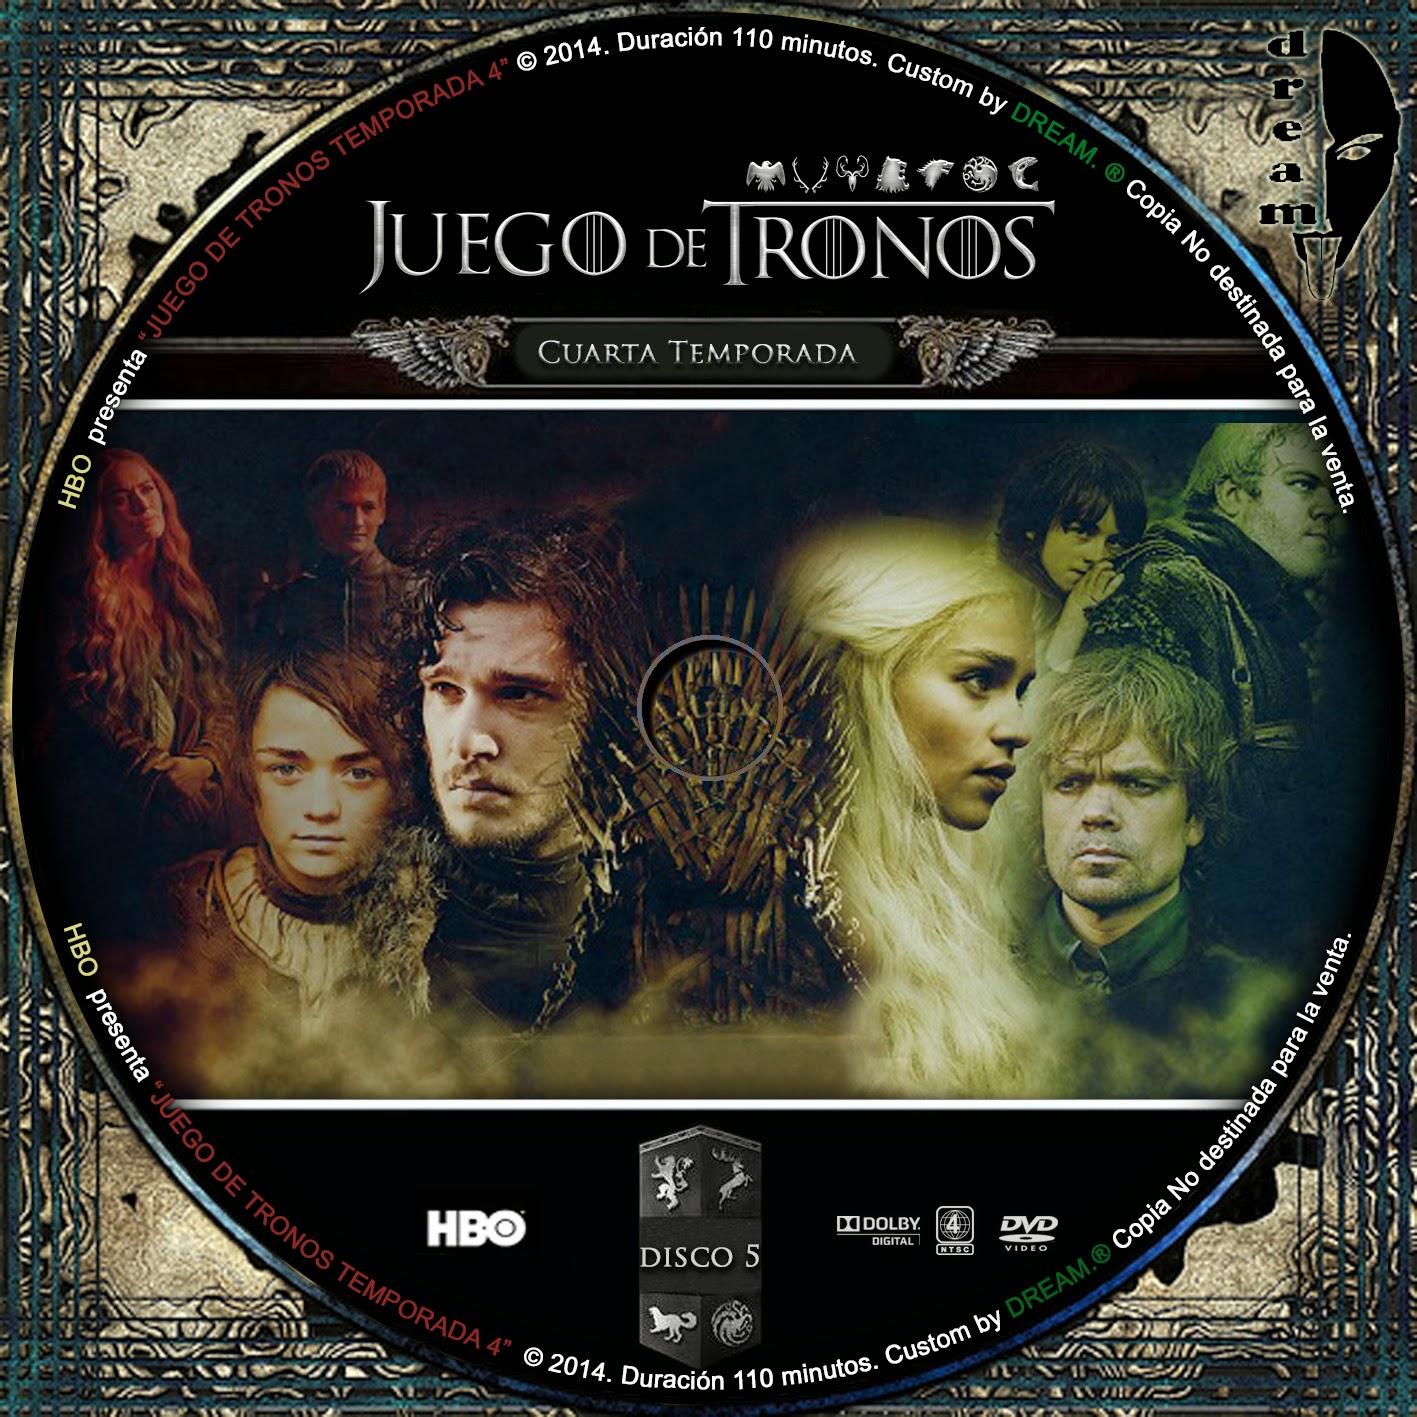 5 temporada de juego de tronos en dvd - Party with bhoothnath movie ...